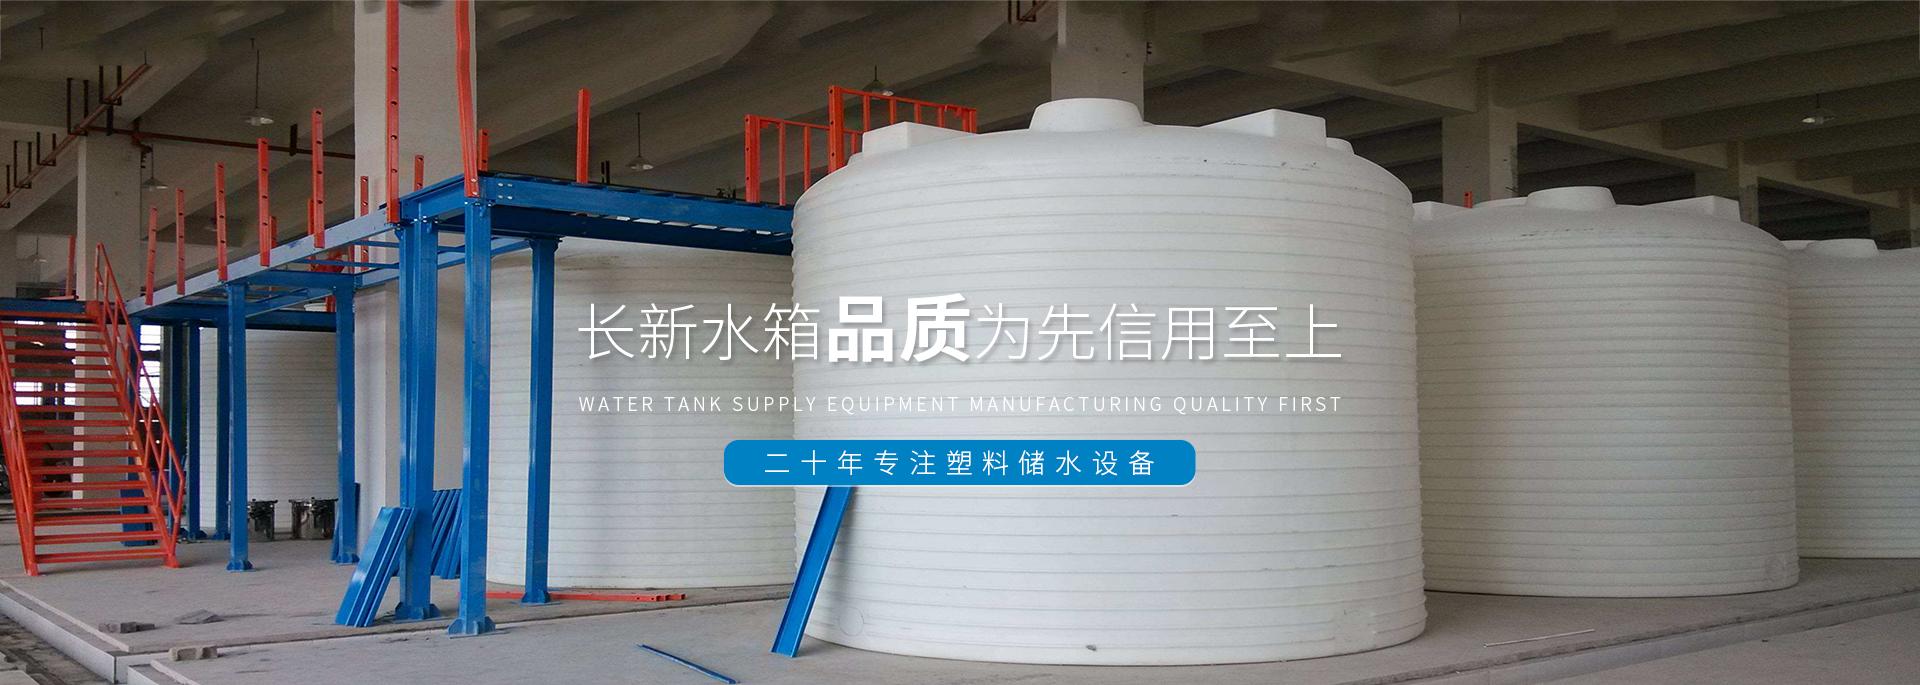 定制塑料水箱